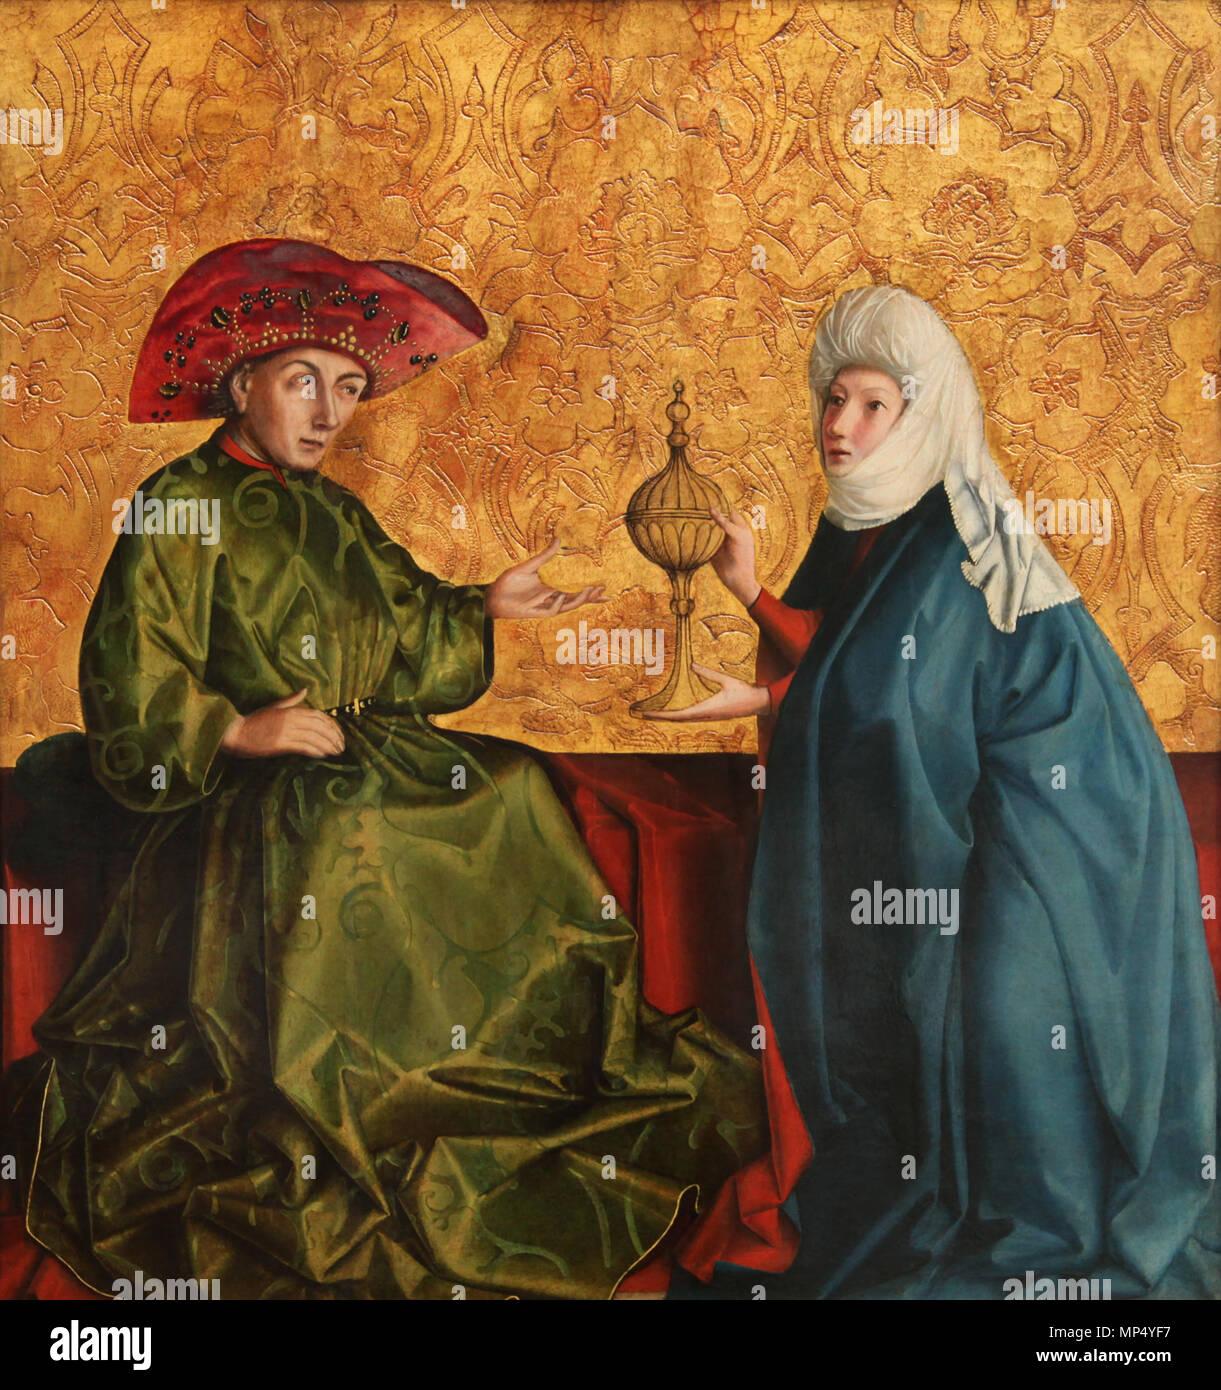 English: Königin von Saba vor König Salomo Englisch Sterben: die ...